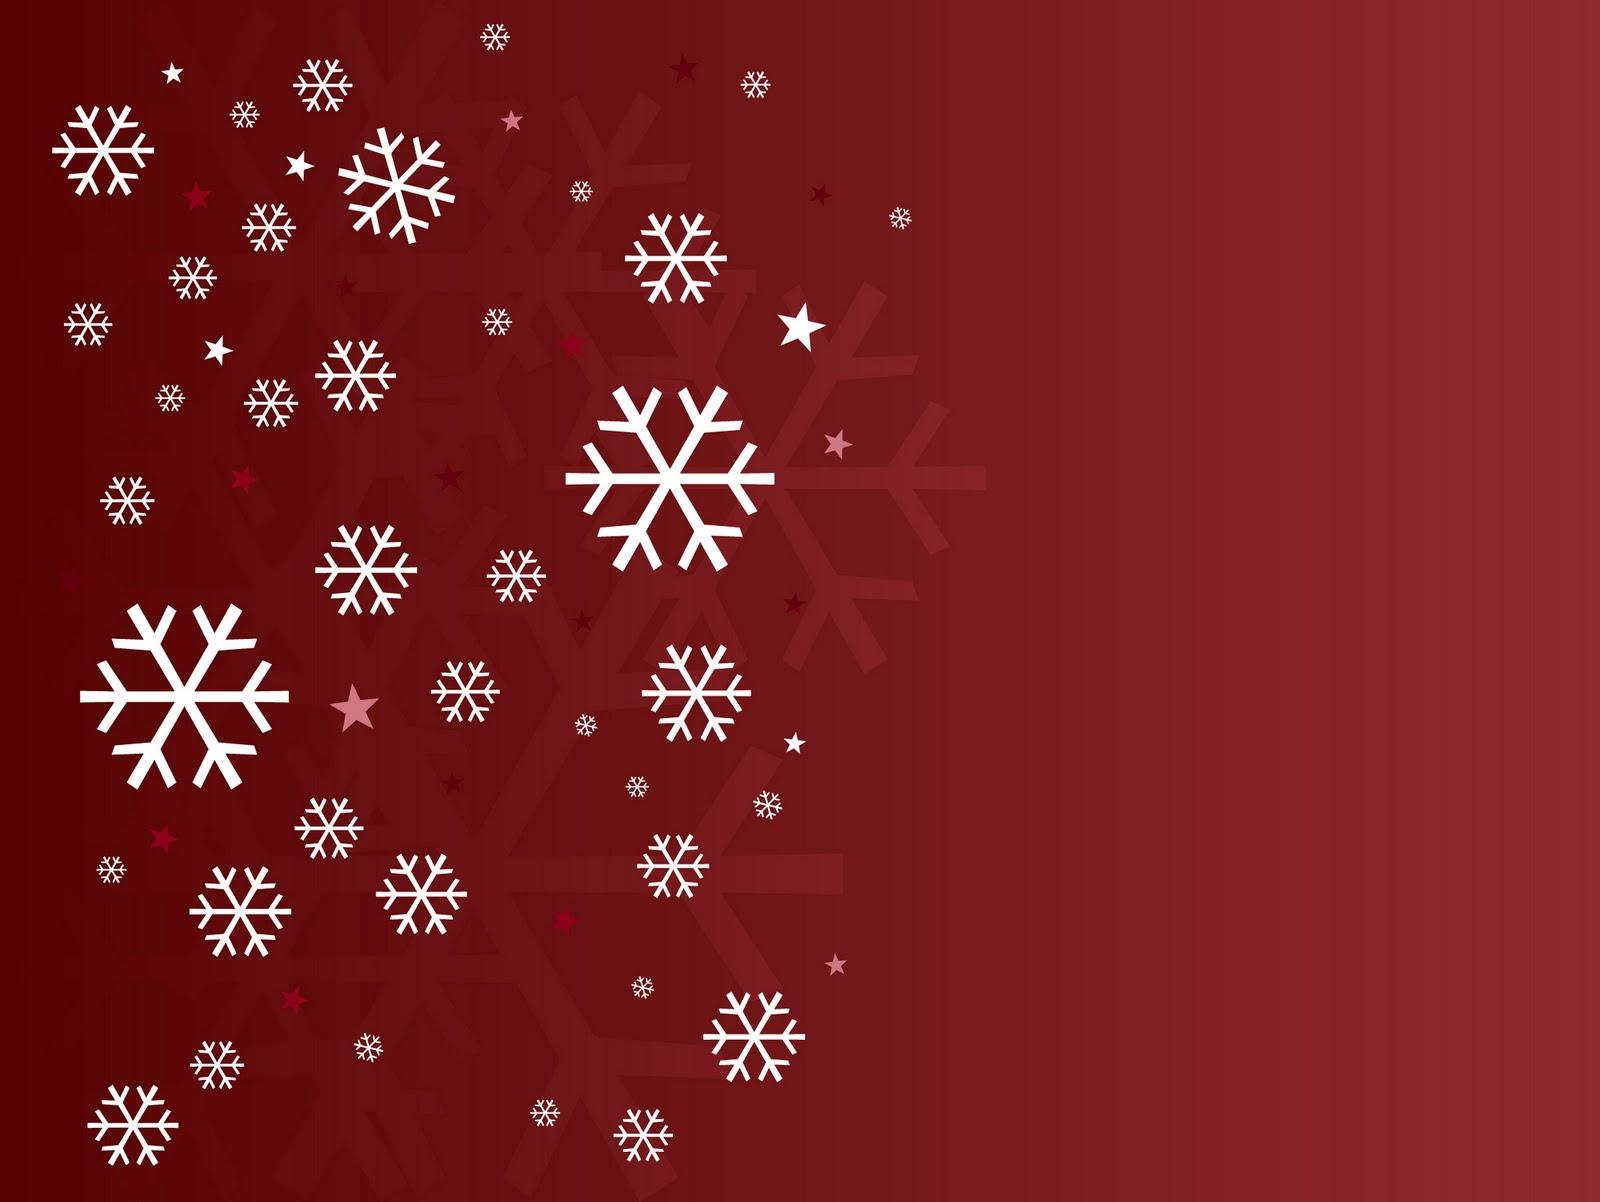 Tumblr Fondos De Pantalla De Navidad: ® Blog Católico Navideño ®: FONDOS DE PANTALLAS NAVIDEÑOS